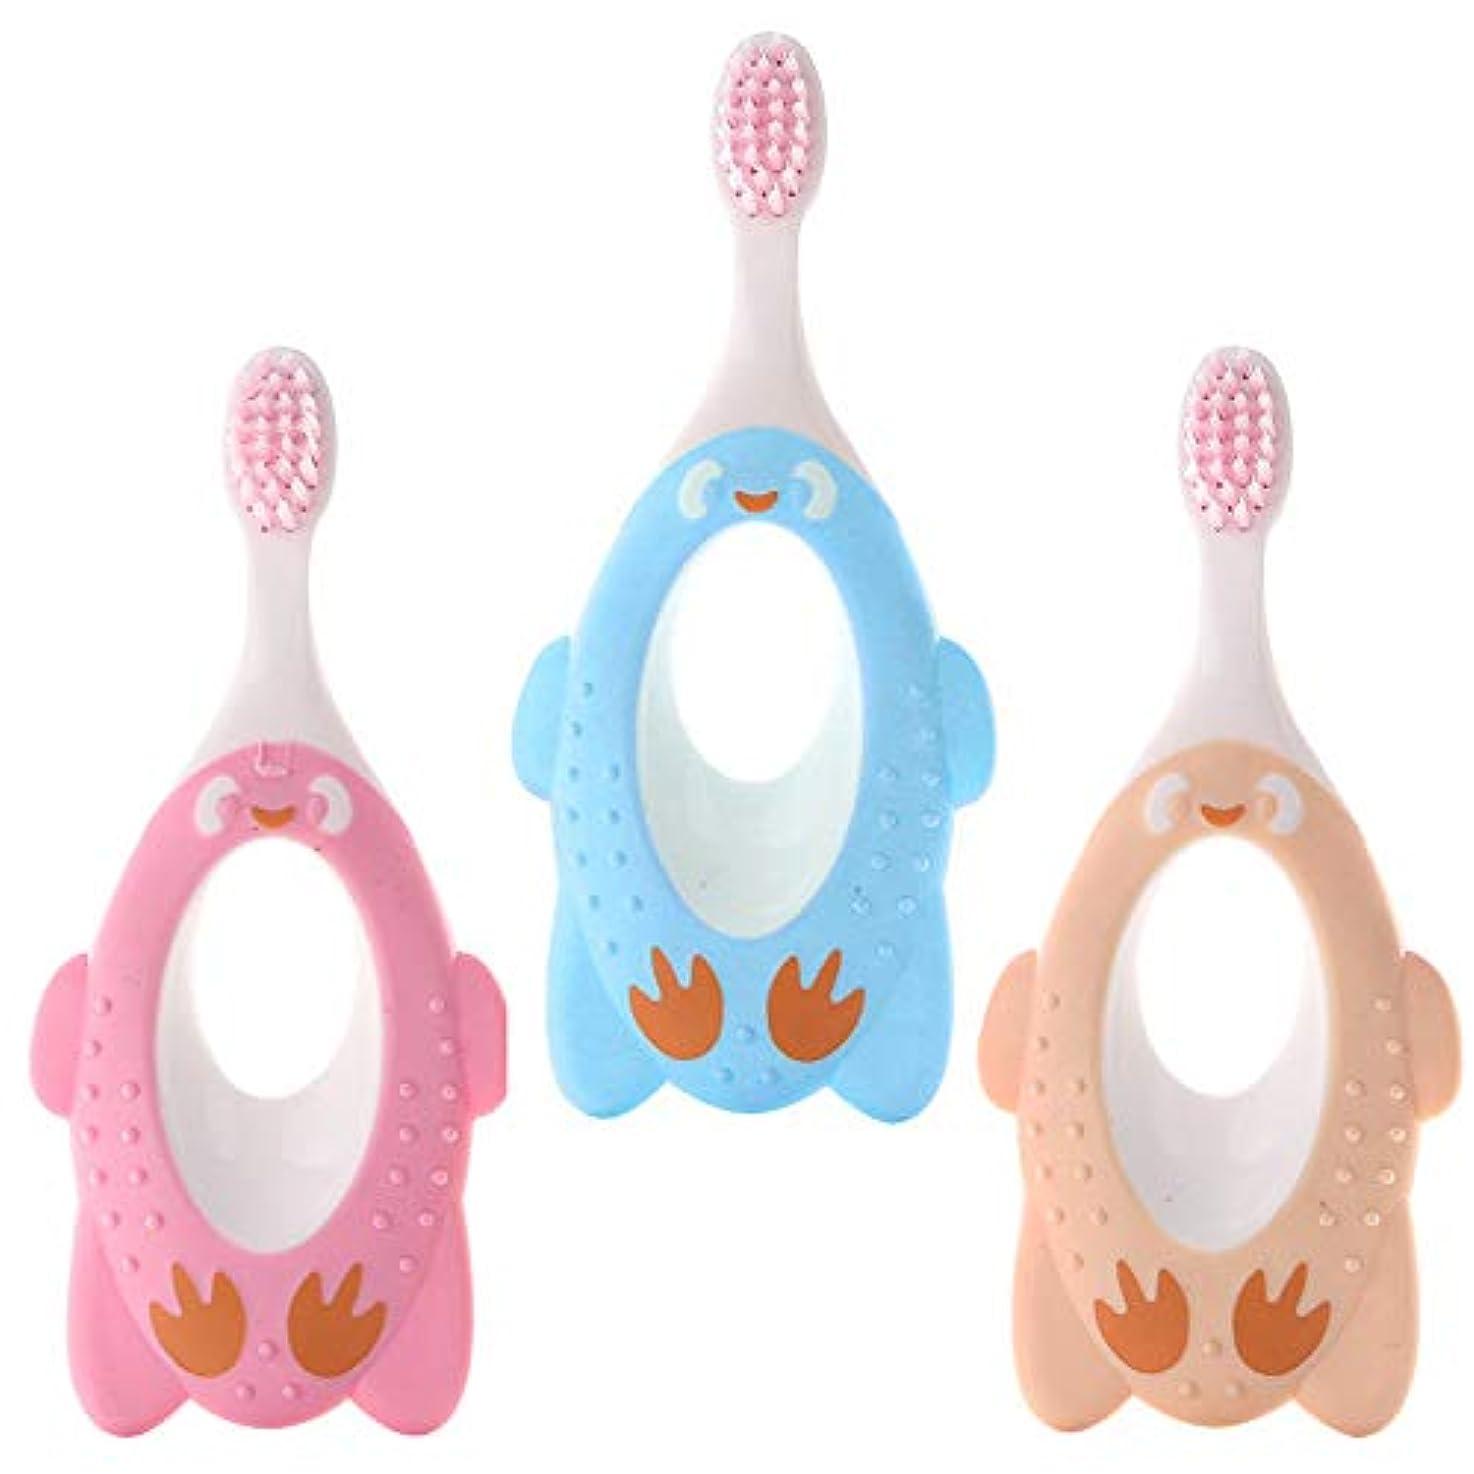 人工こだわりガウン赤ん坊、幼児および子供のための3つのかわいい赤ん坊の歯ブラシセットやわらかデンタルトレーニング歯ブラシオーラルケアセット17×9.5cm(ブルーピンクイエロー)